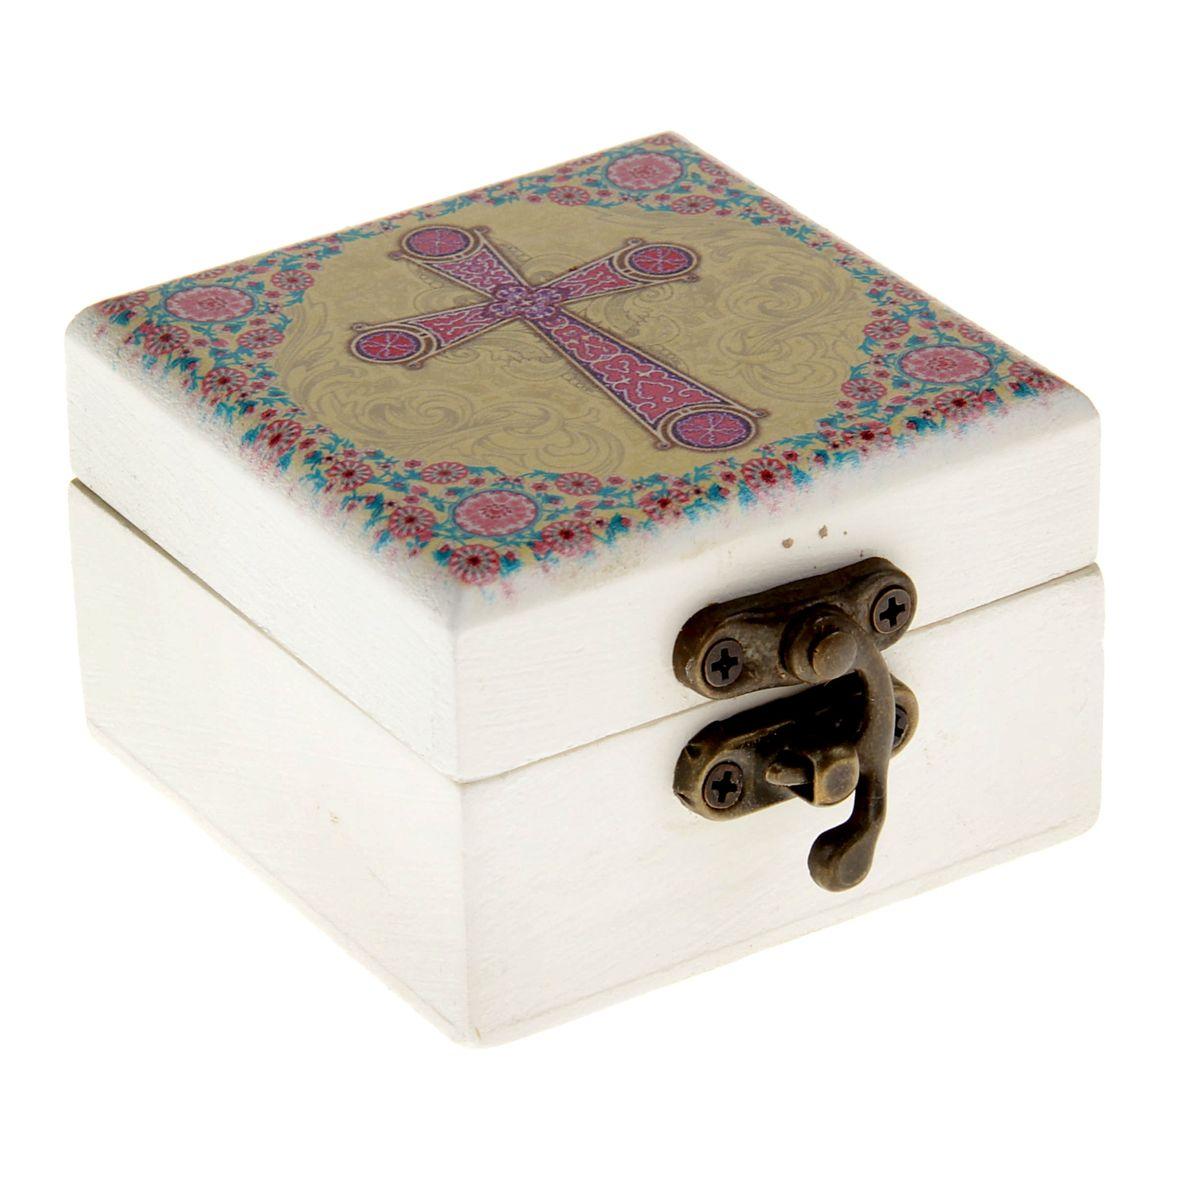 Шкатулка Корсунский крест, 6,5 х 6,5 х 4,5 см838155Шкатулка Корсунский крест, с зеркалом внутри, выполнена из благородного дерева, закрывается металлическим замочком. На крышку нанесено яркое полноцветное изображение Корсунского креста. Корсунский крест - русское название четырехконечного креста, относящегося к древнему византийскому типу. Свое название получил от Корсуни (Херсонеса), где крестился князь Владимир и откуда привез такие кресты в Киев. Древнейший экземпляр такого креста находится в Успенском соборе. Такая шкатулка будет достойным вместилищем для милых сердцу мелочей, каких-то святынь, которые есть у каждого. Станет прекрасным подарком с духовной составляющей для любого не только верующего человека.